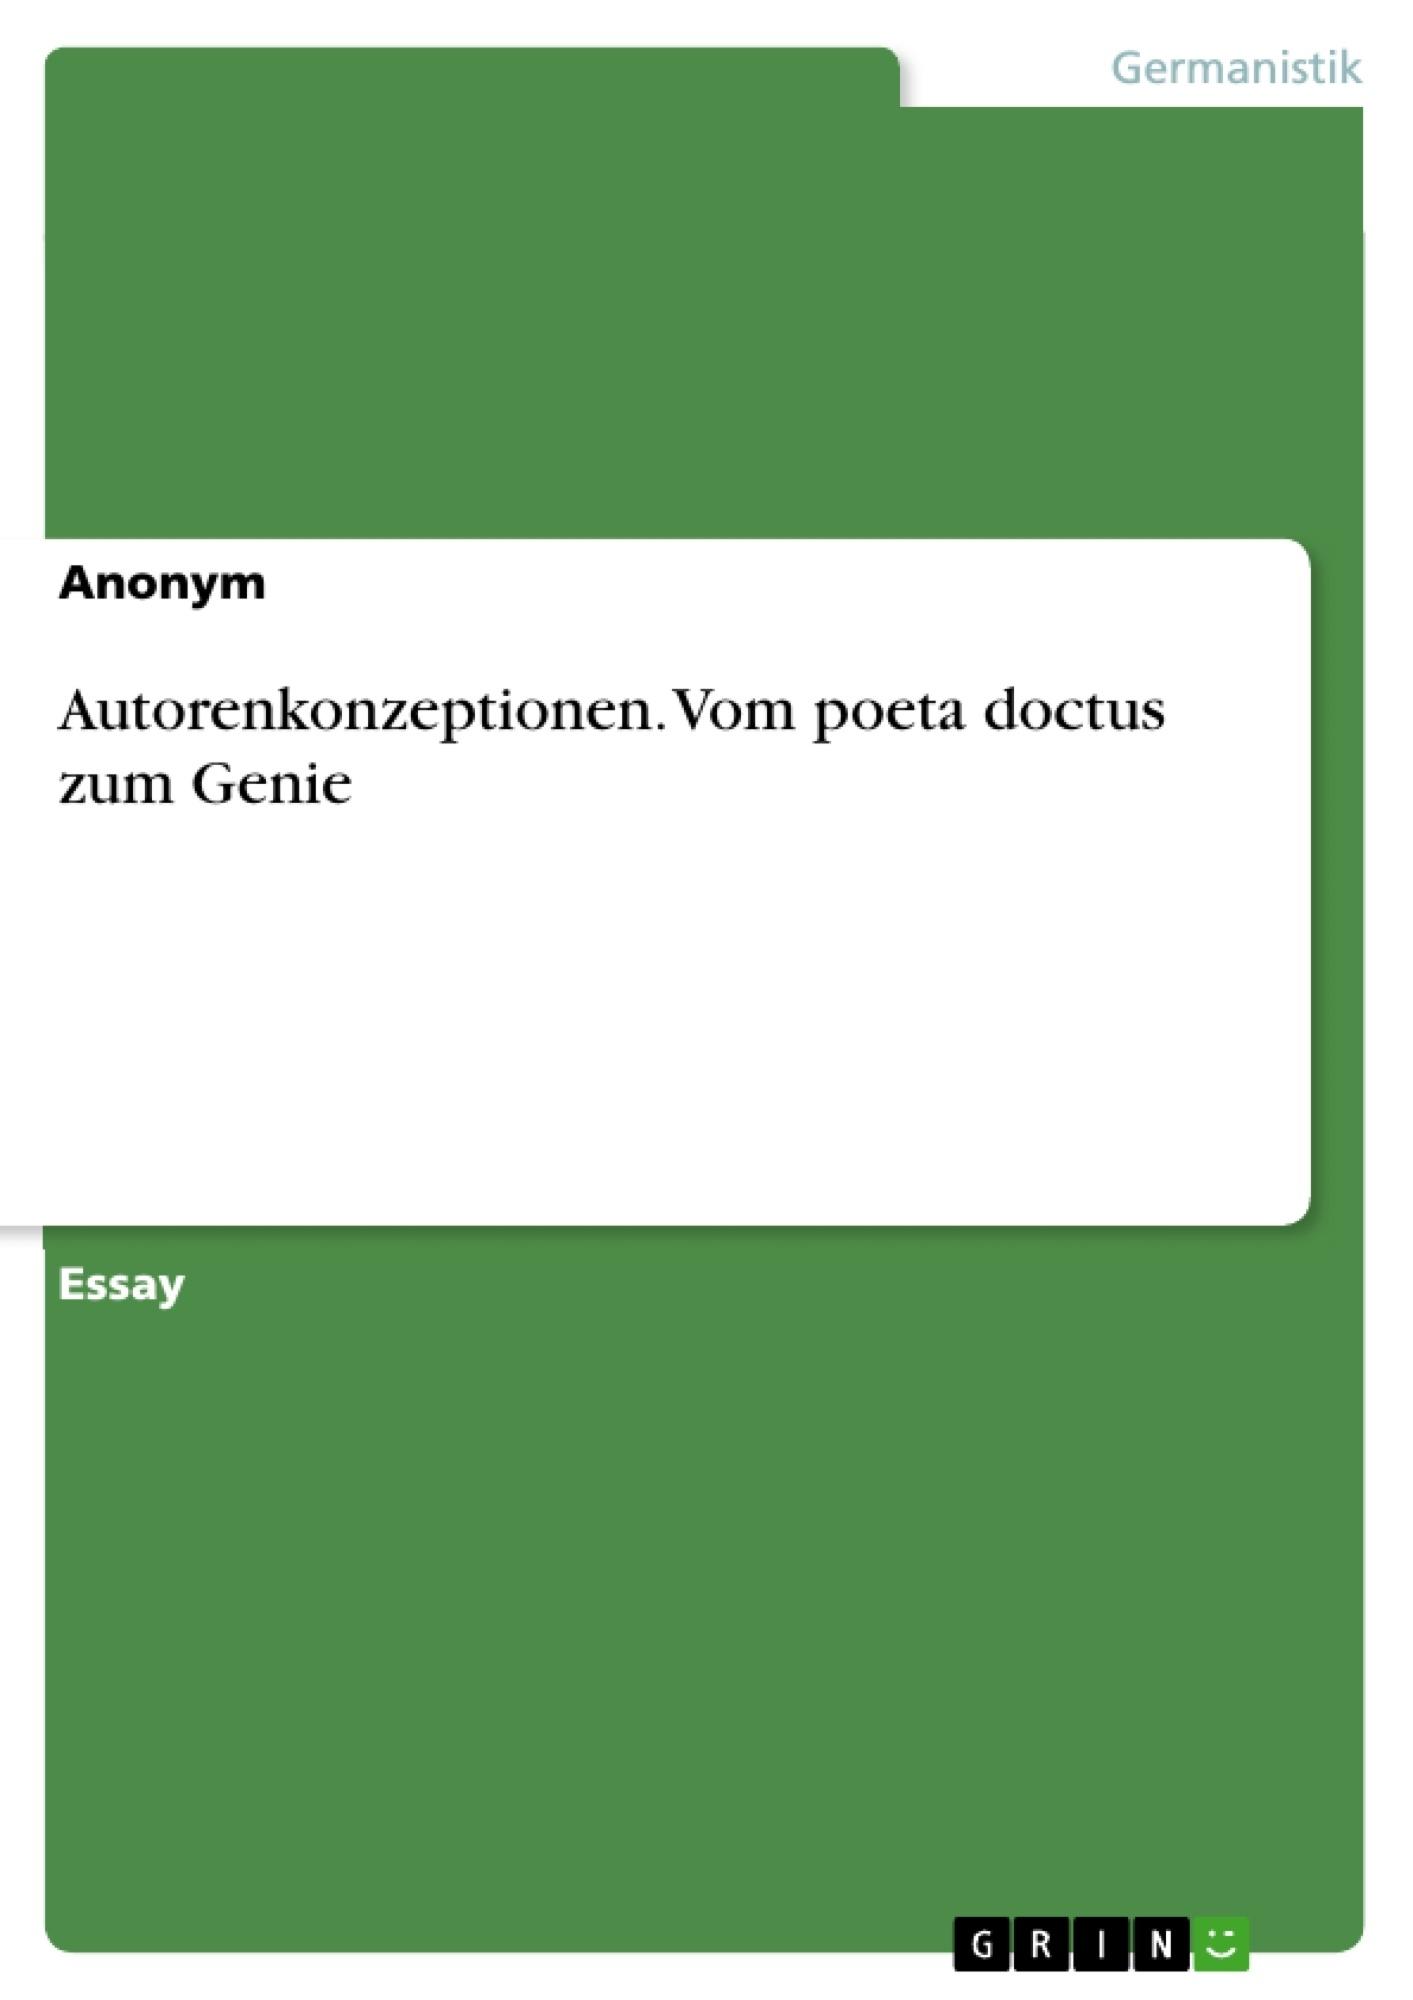 Titel: Autorenkonzeptionen. Vom poeta doctus zum Genie